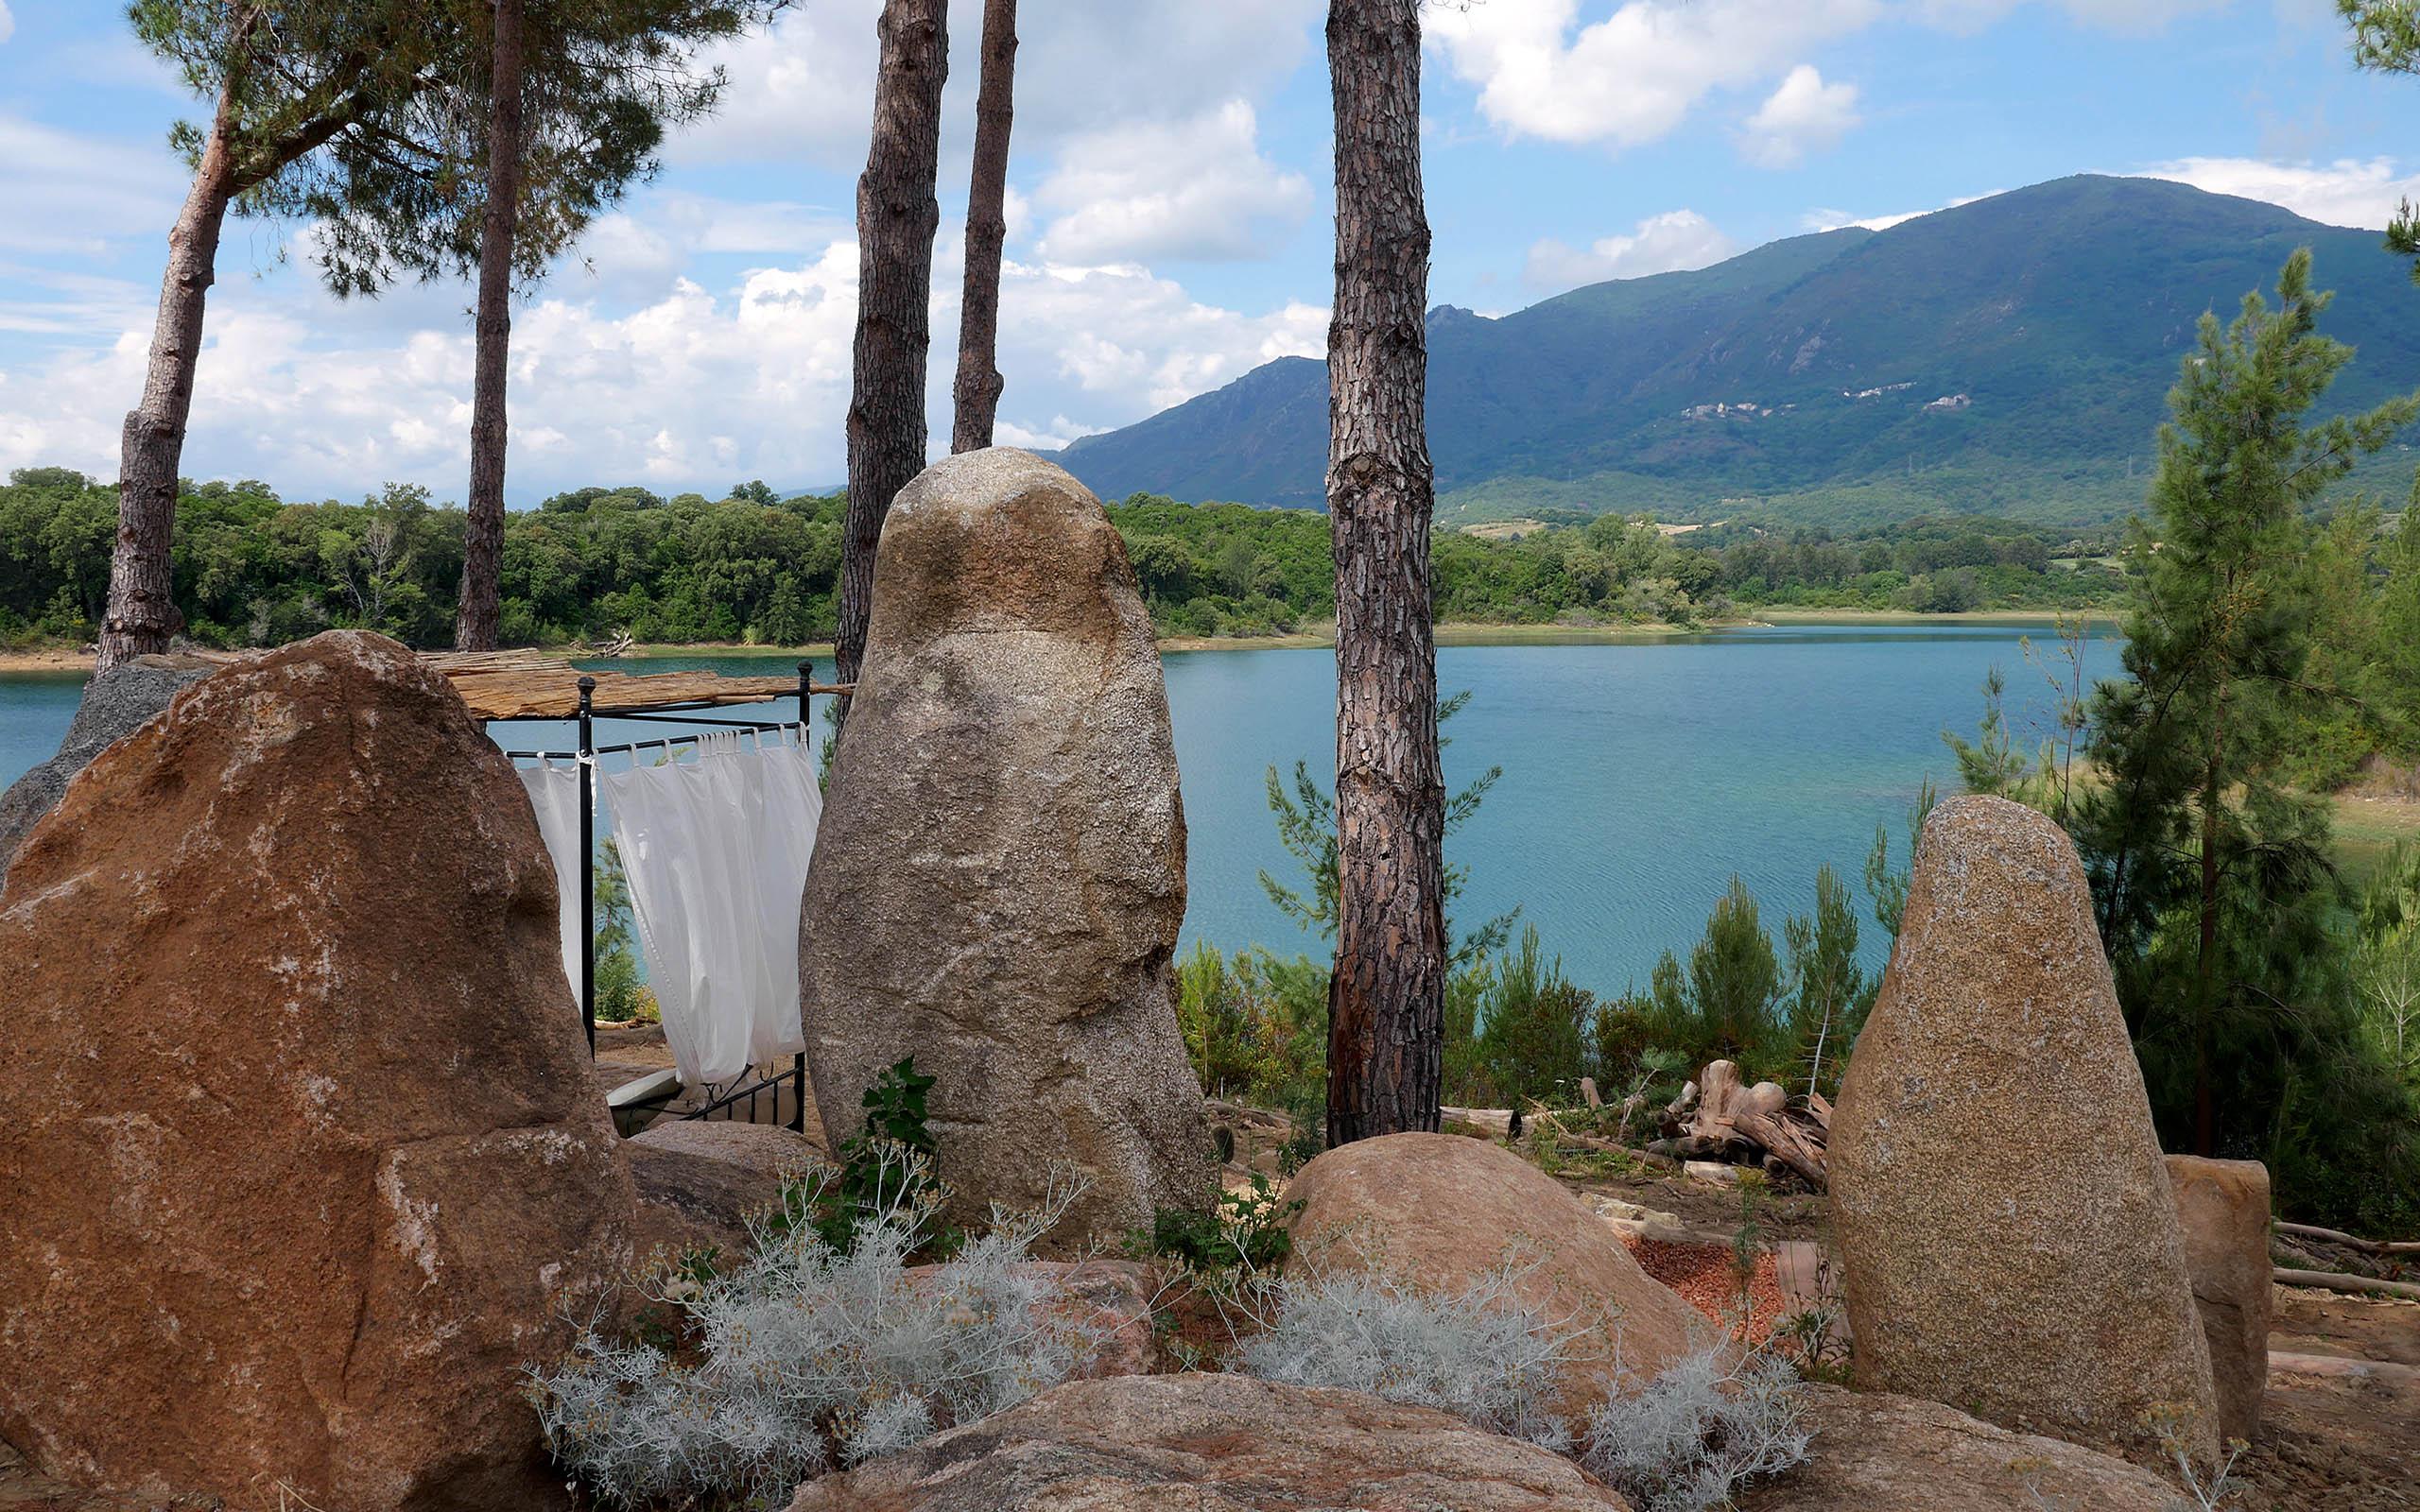 Casa di l'onda vue sur le lac depuis le jardin